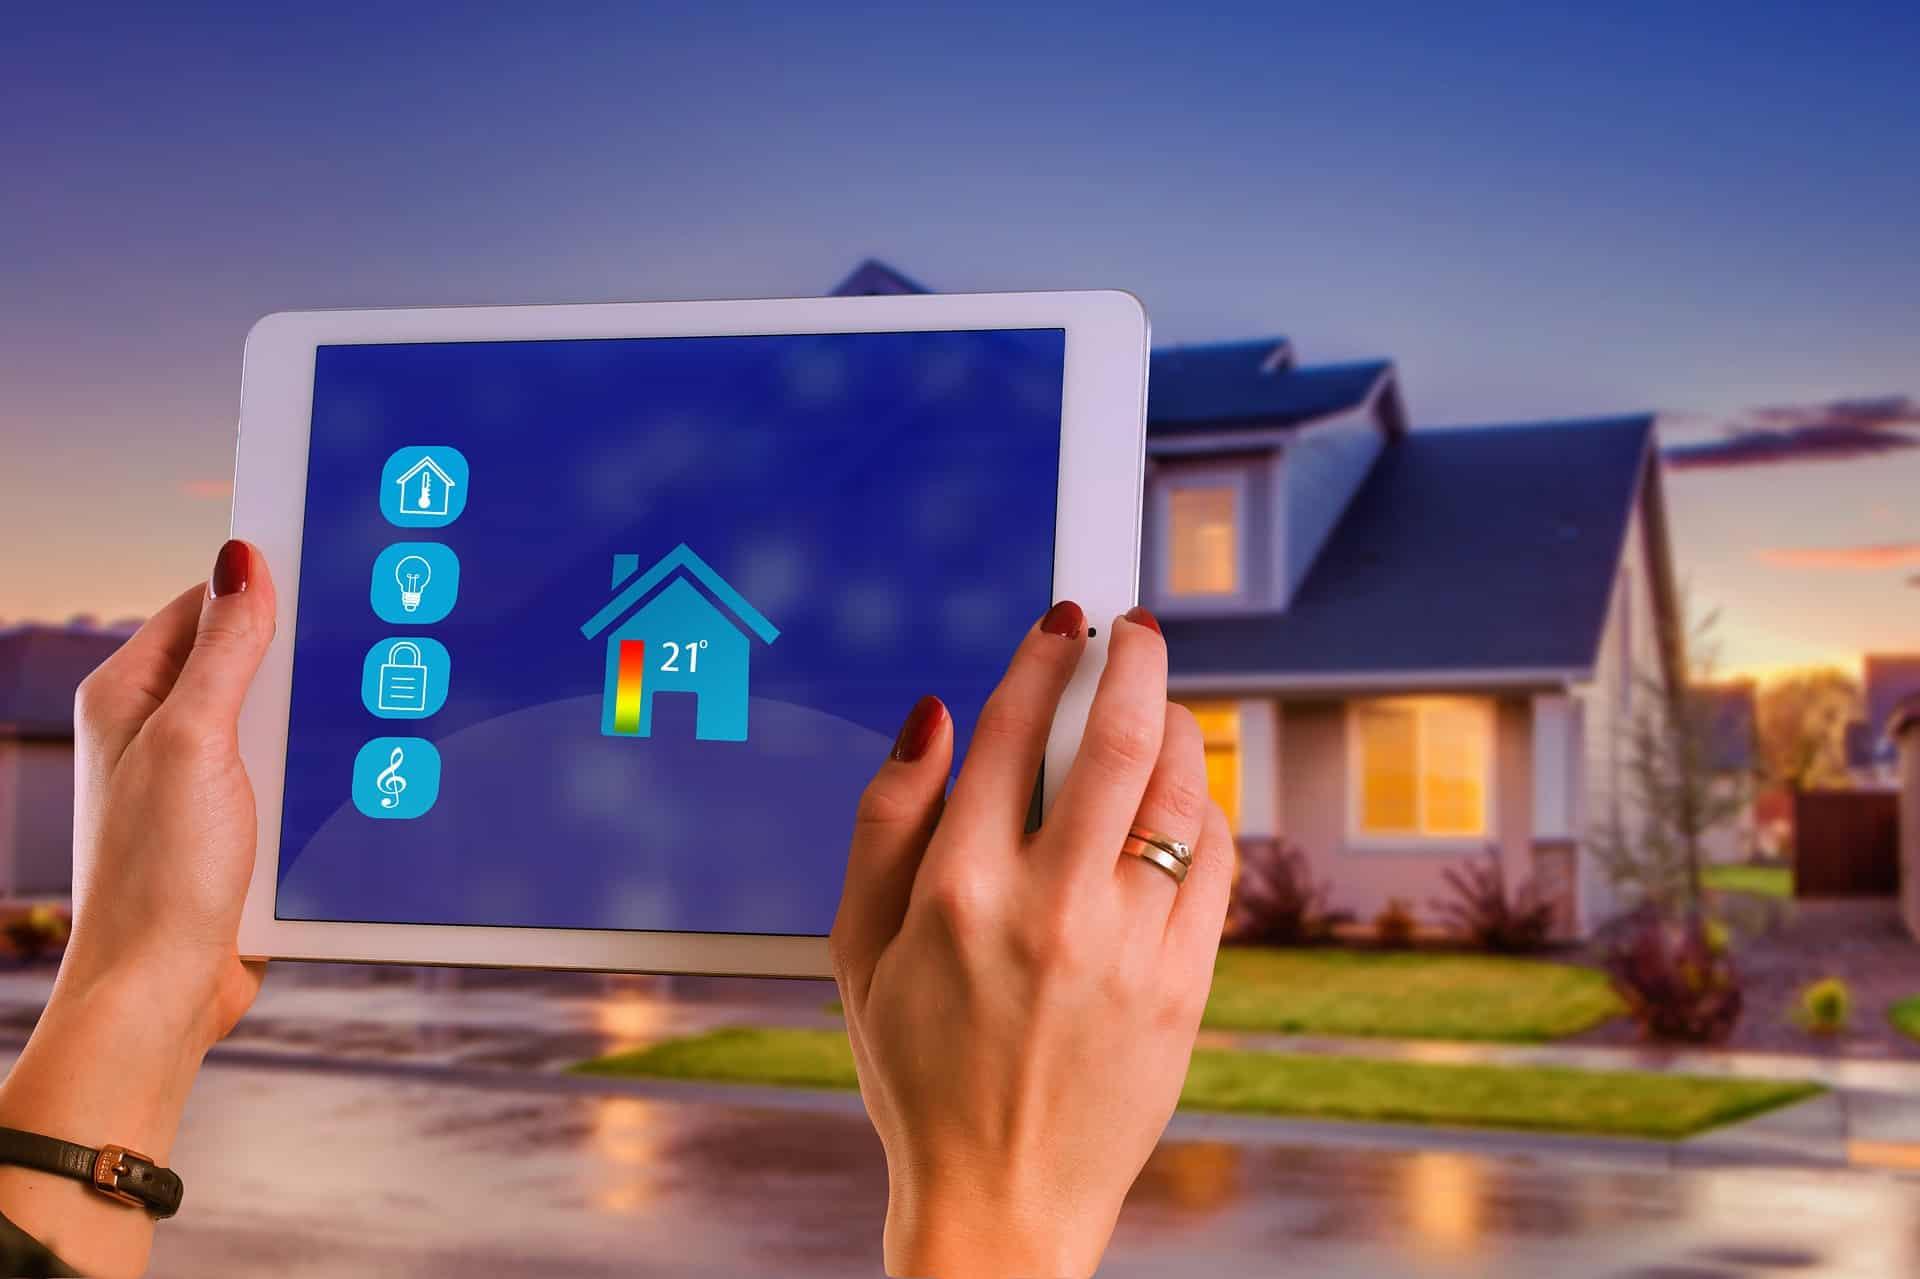 Smart Home Heizung: Test & Empfehlungen (01/21)